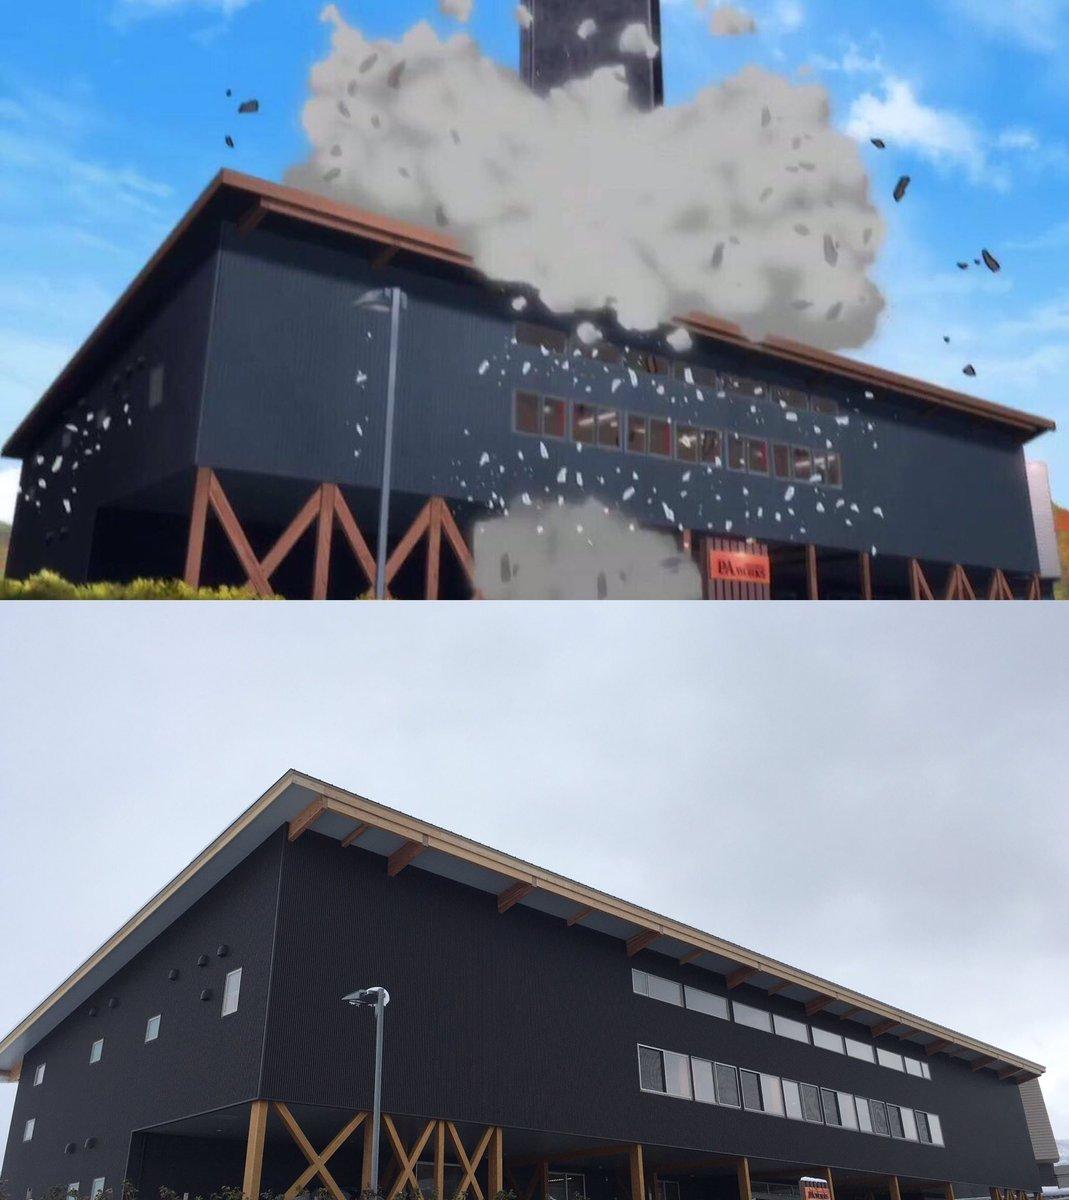 ぶっ壊されたの本社スタジオ。 #クロムクロ